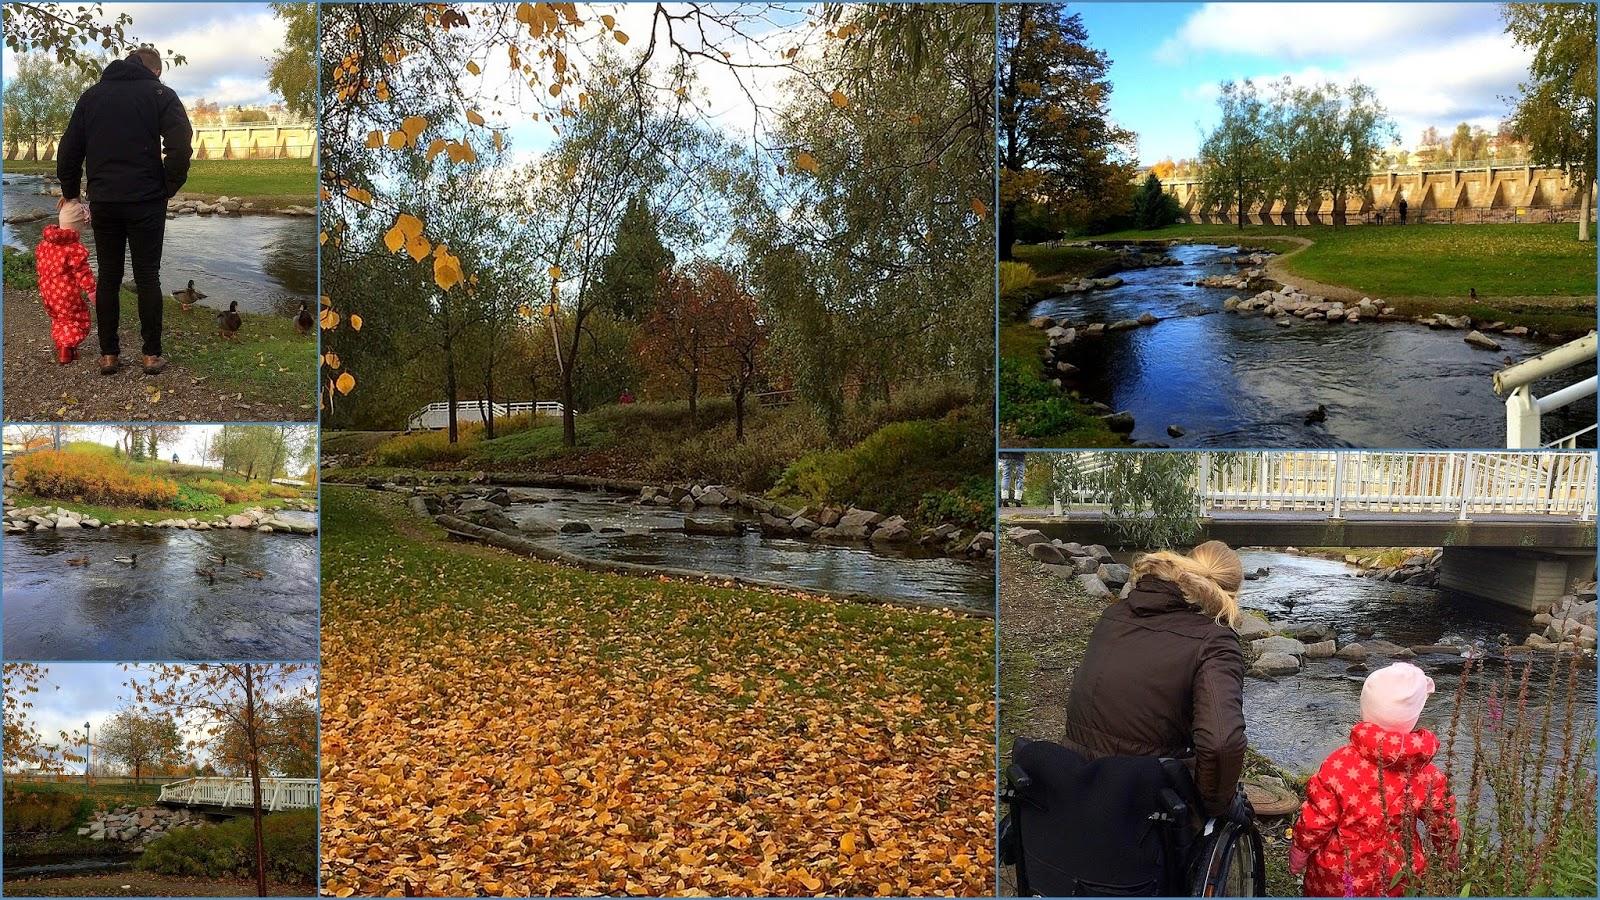 Kun äiti kelaa: Rakkauskaupunkimme, Oulu